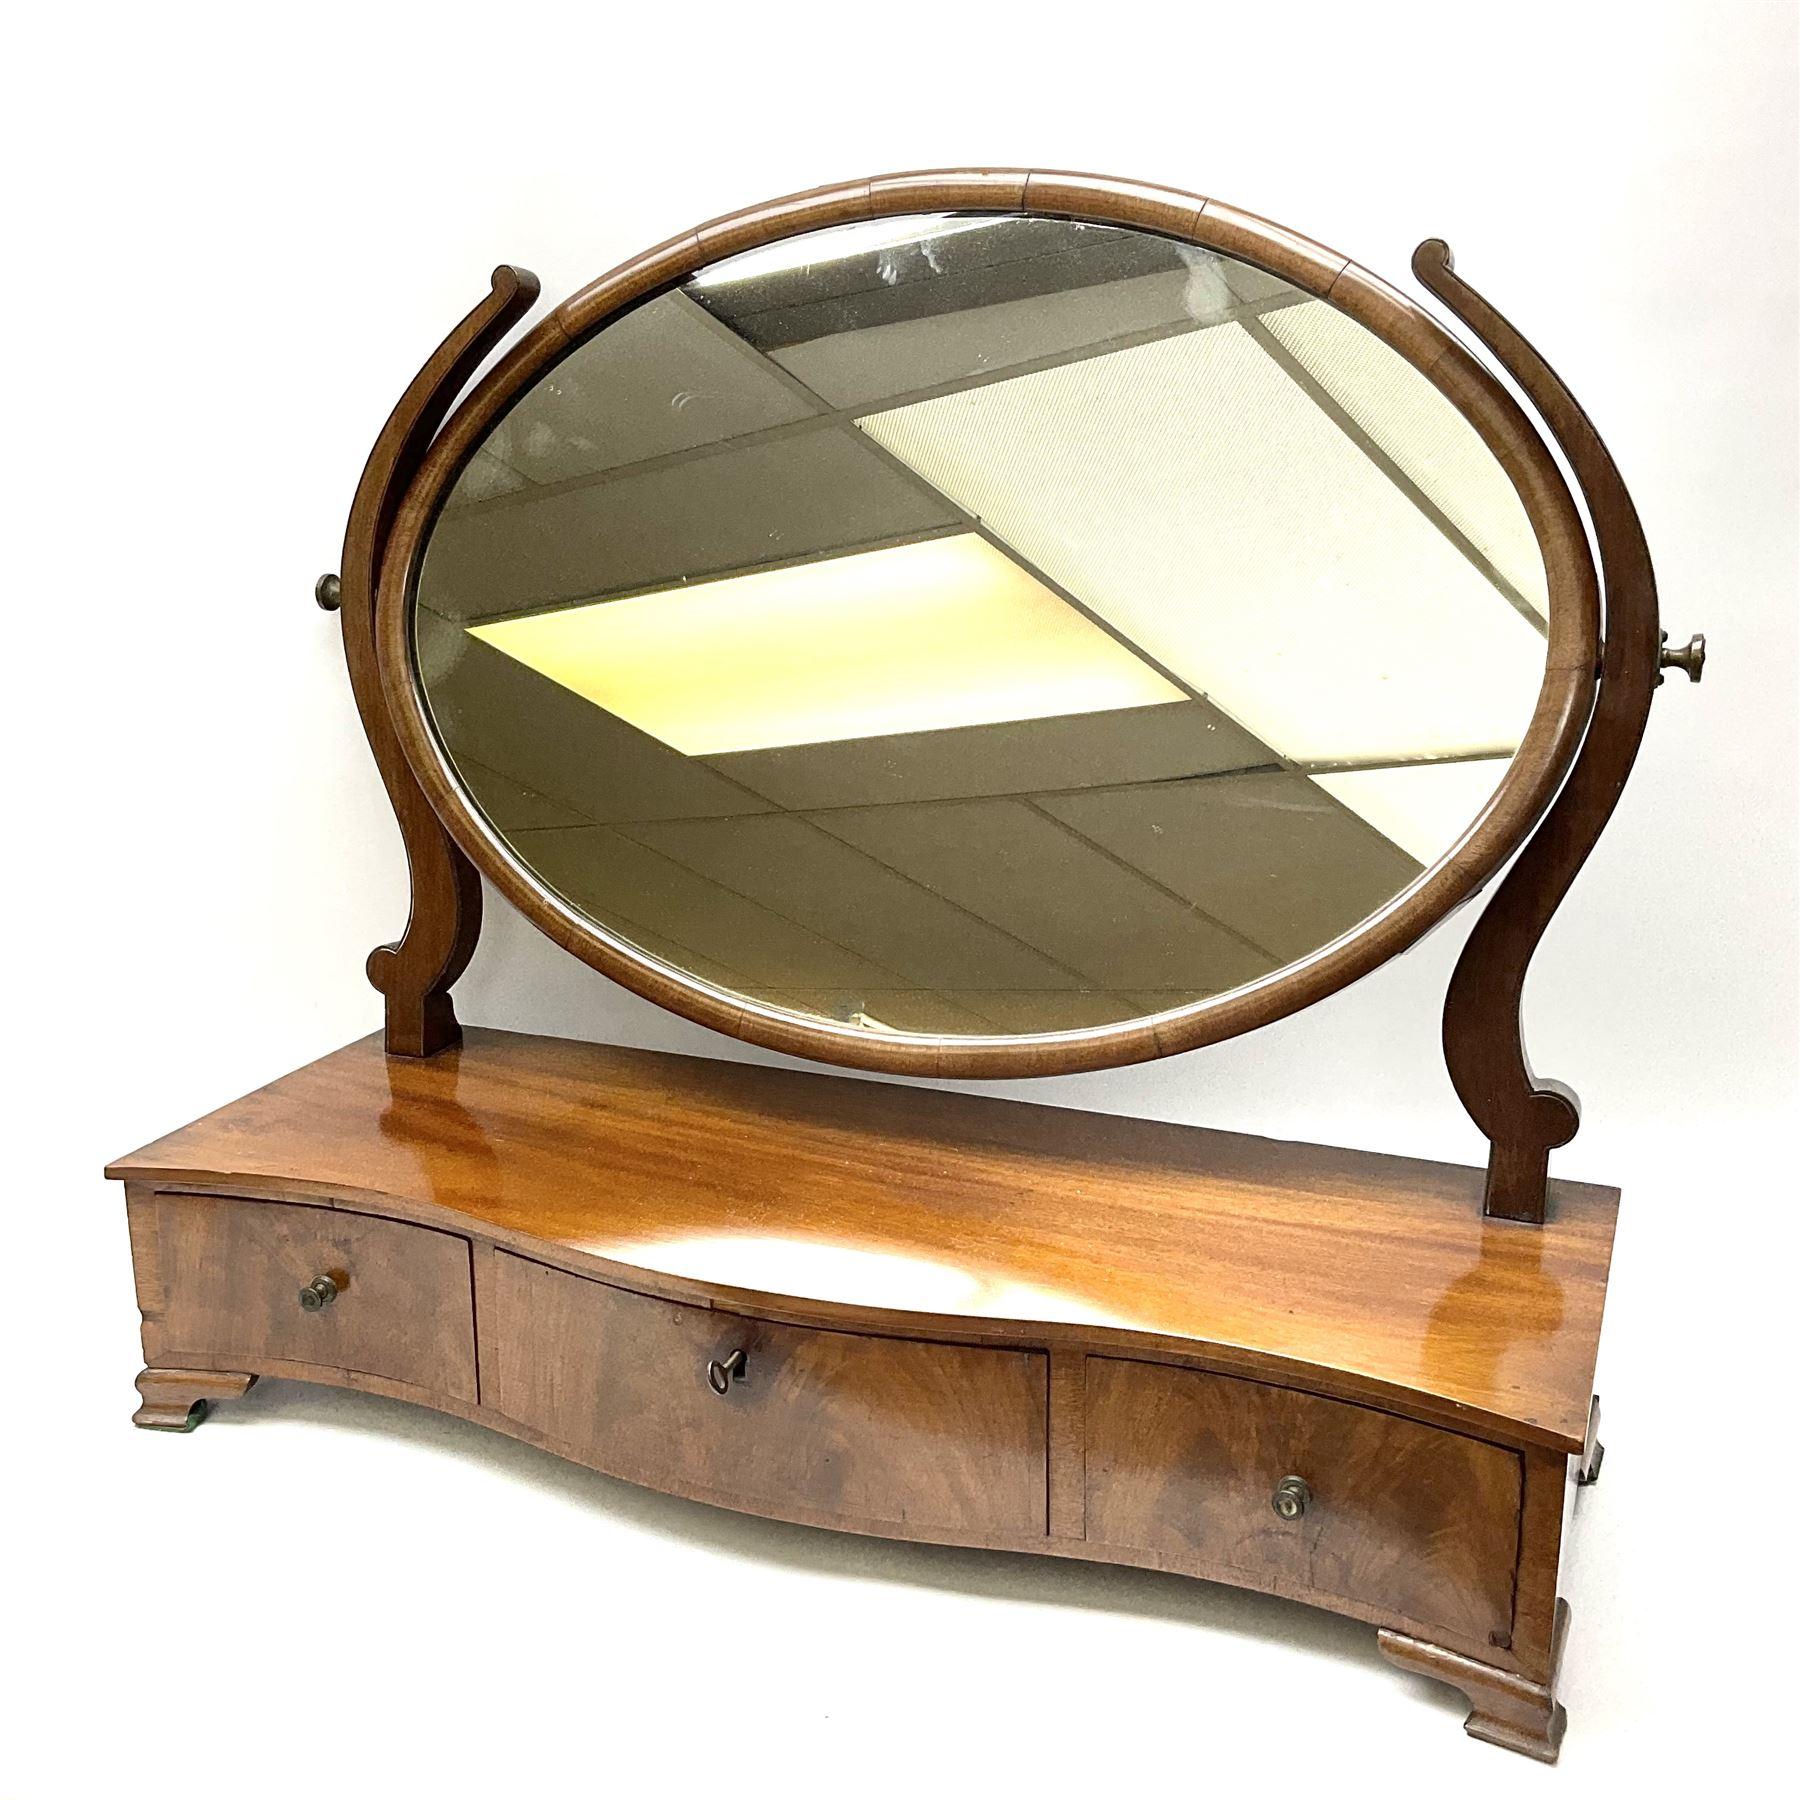 An early 20th century figured mahogany toilet mirror